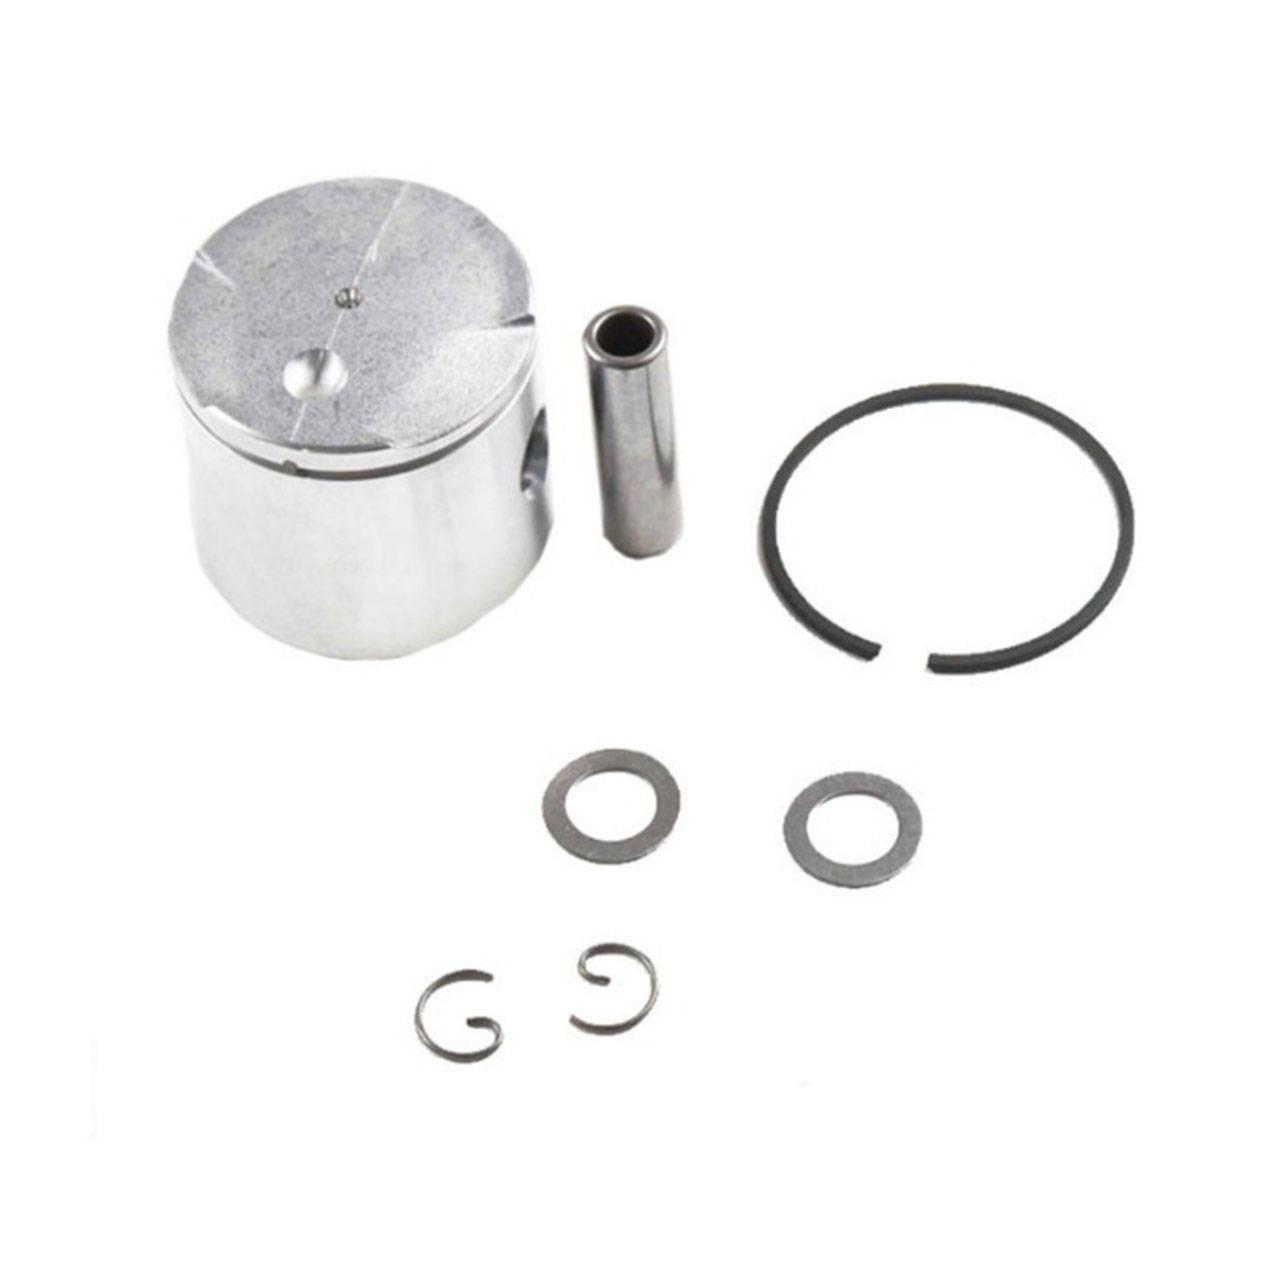 OEM Part Echo V103000400 Gasket Genuine Original Equipment Manufacturer